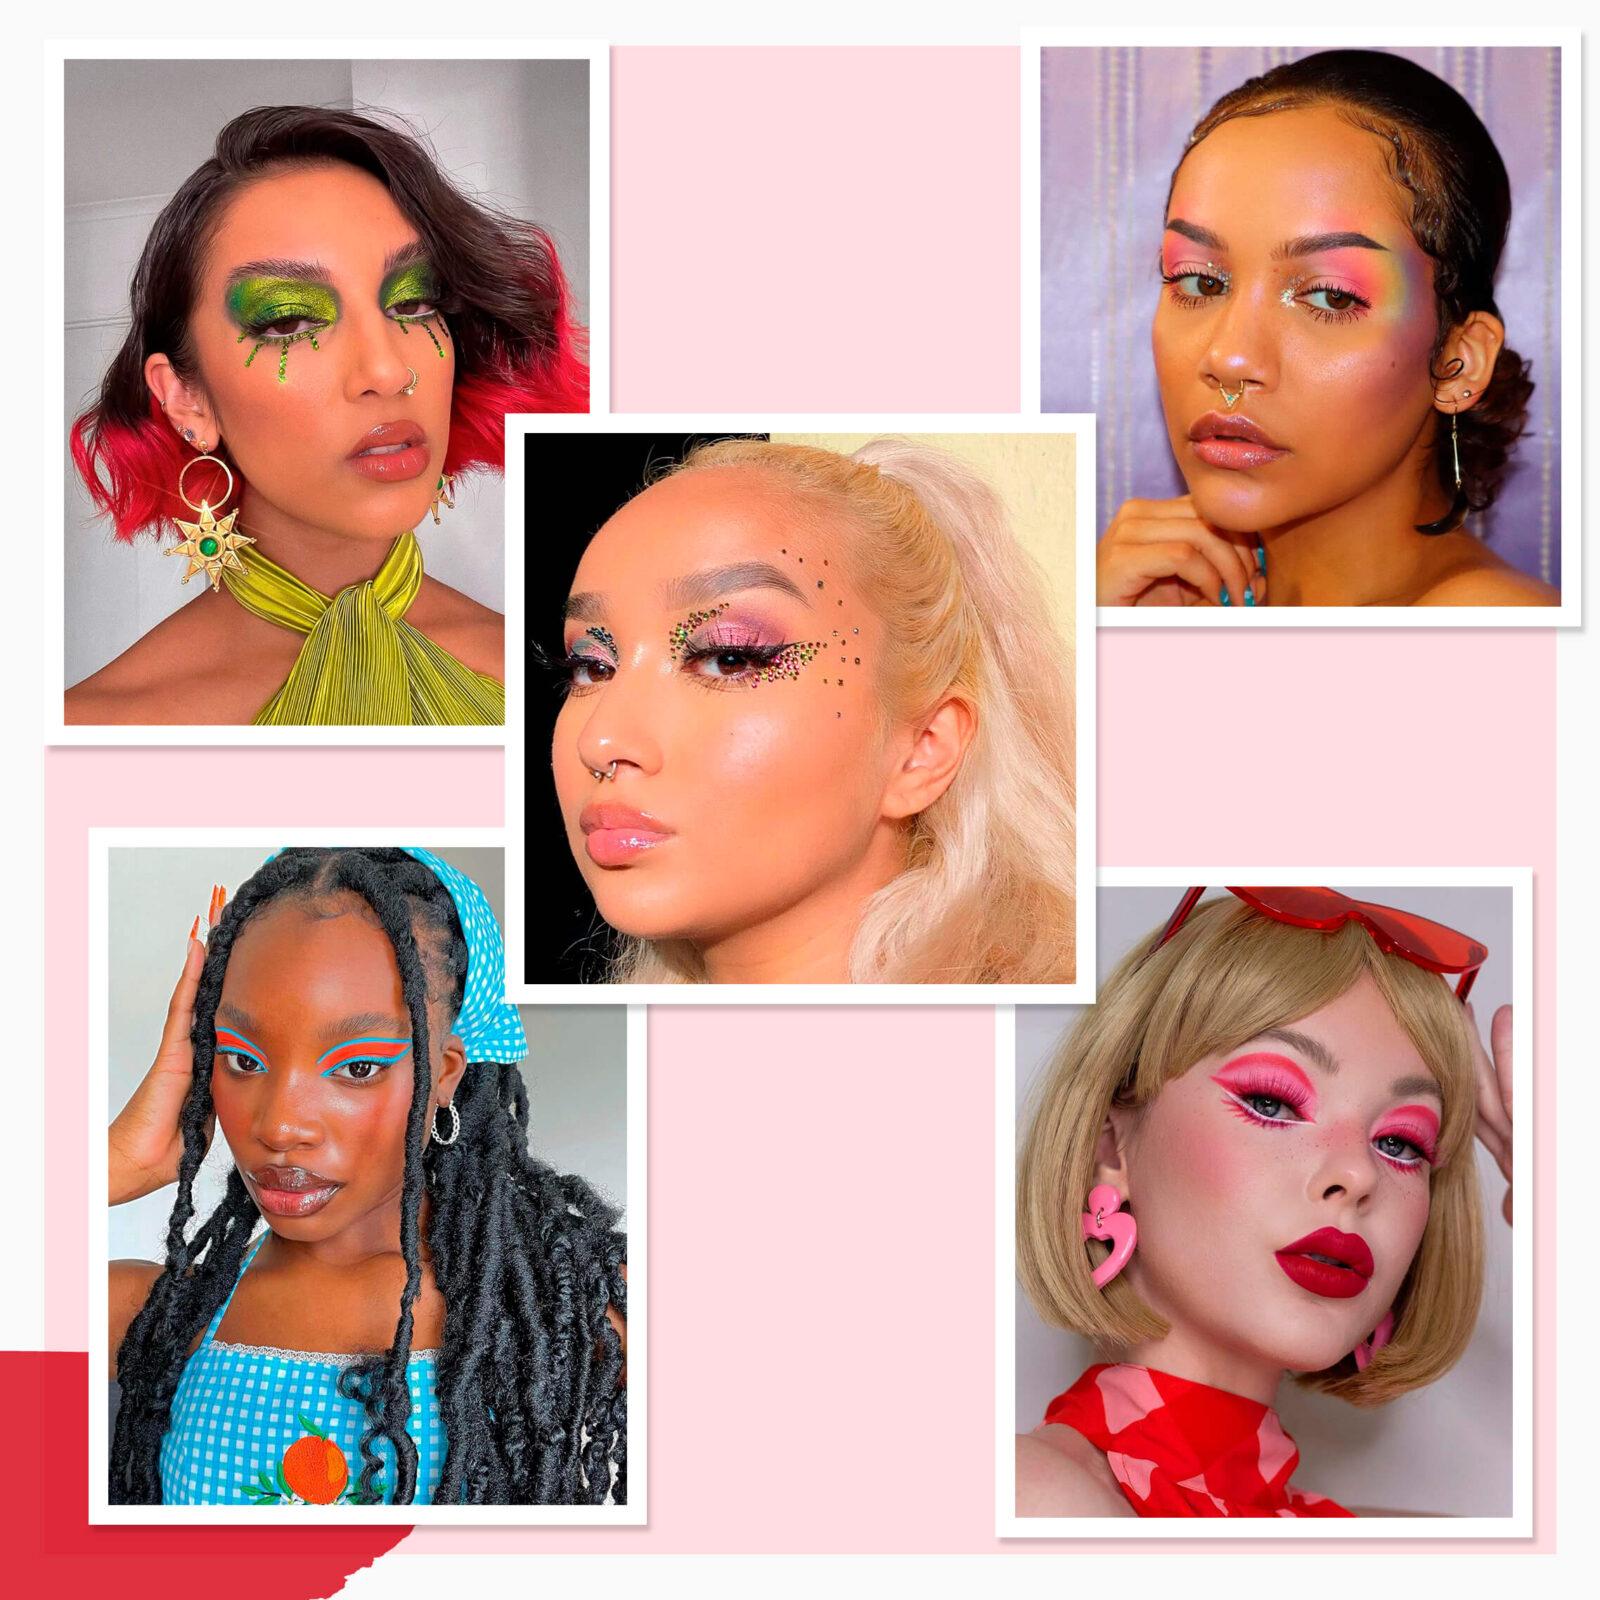 As marcas de maquiagem favoritas da geração Z